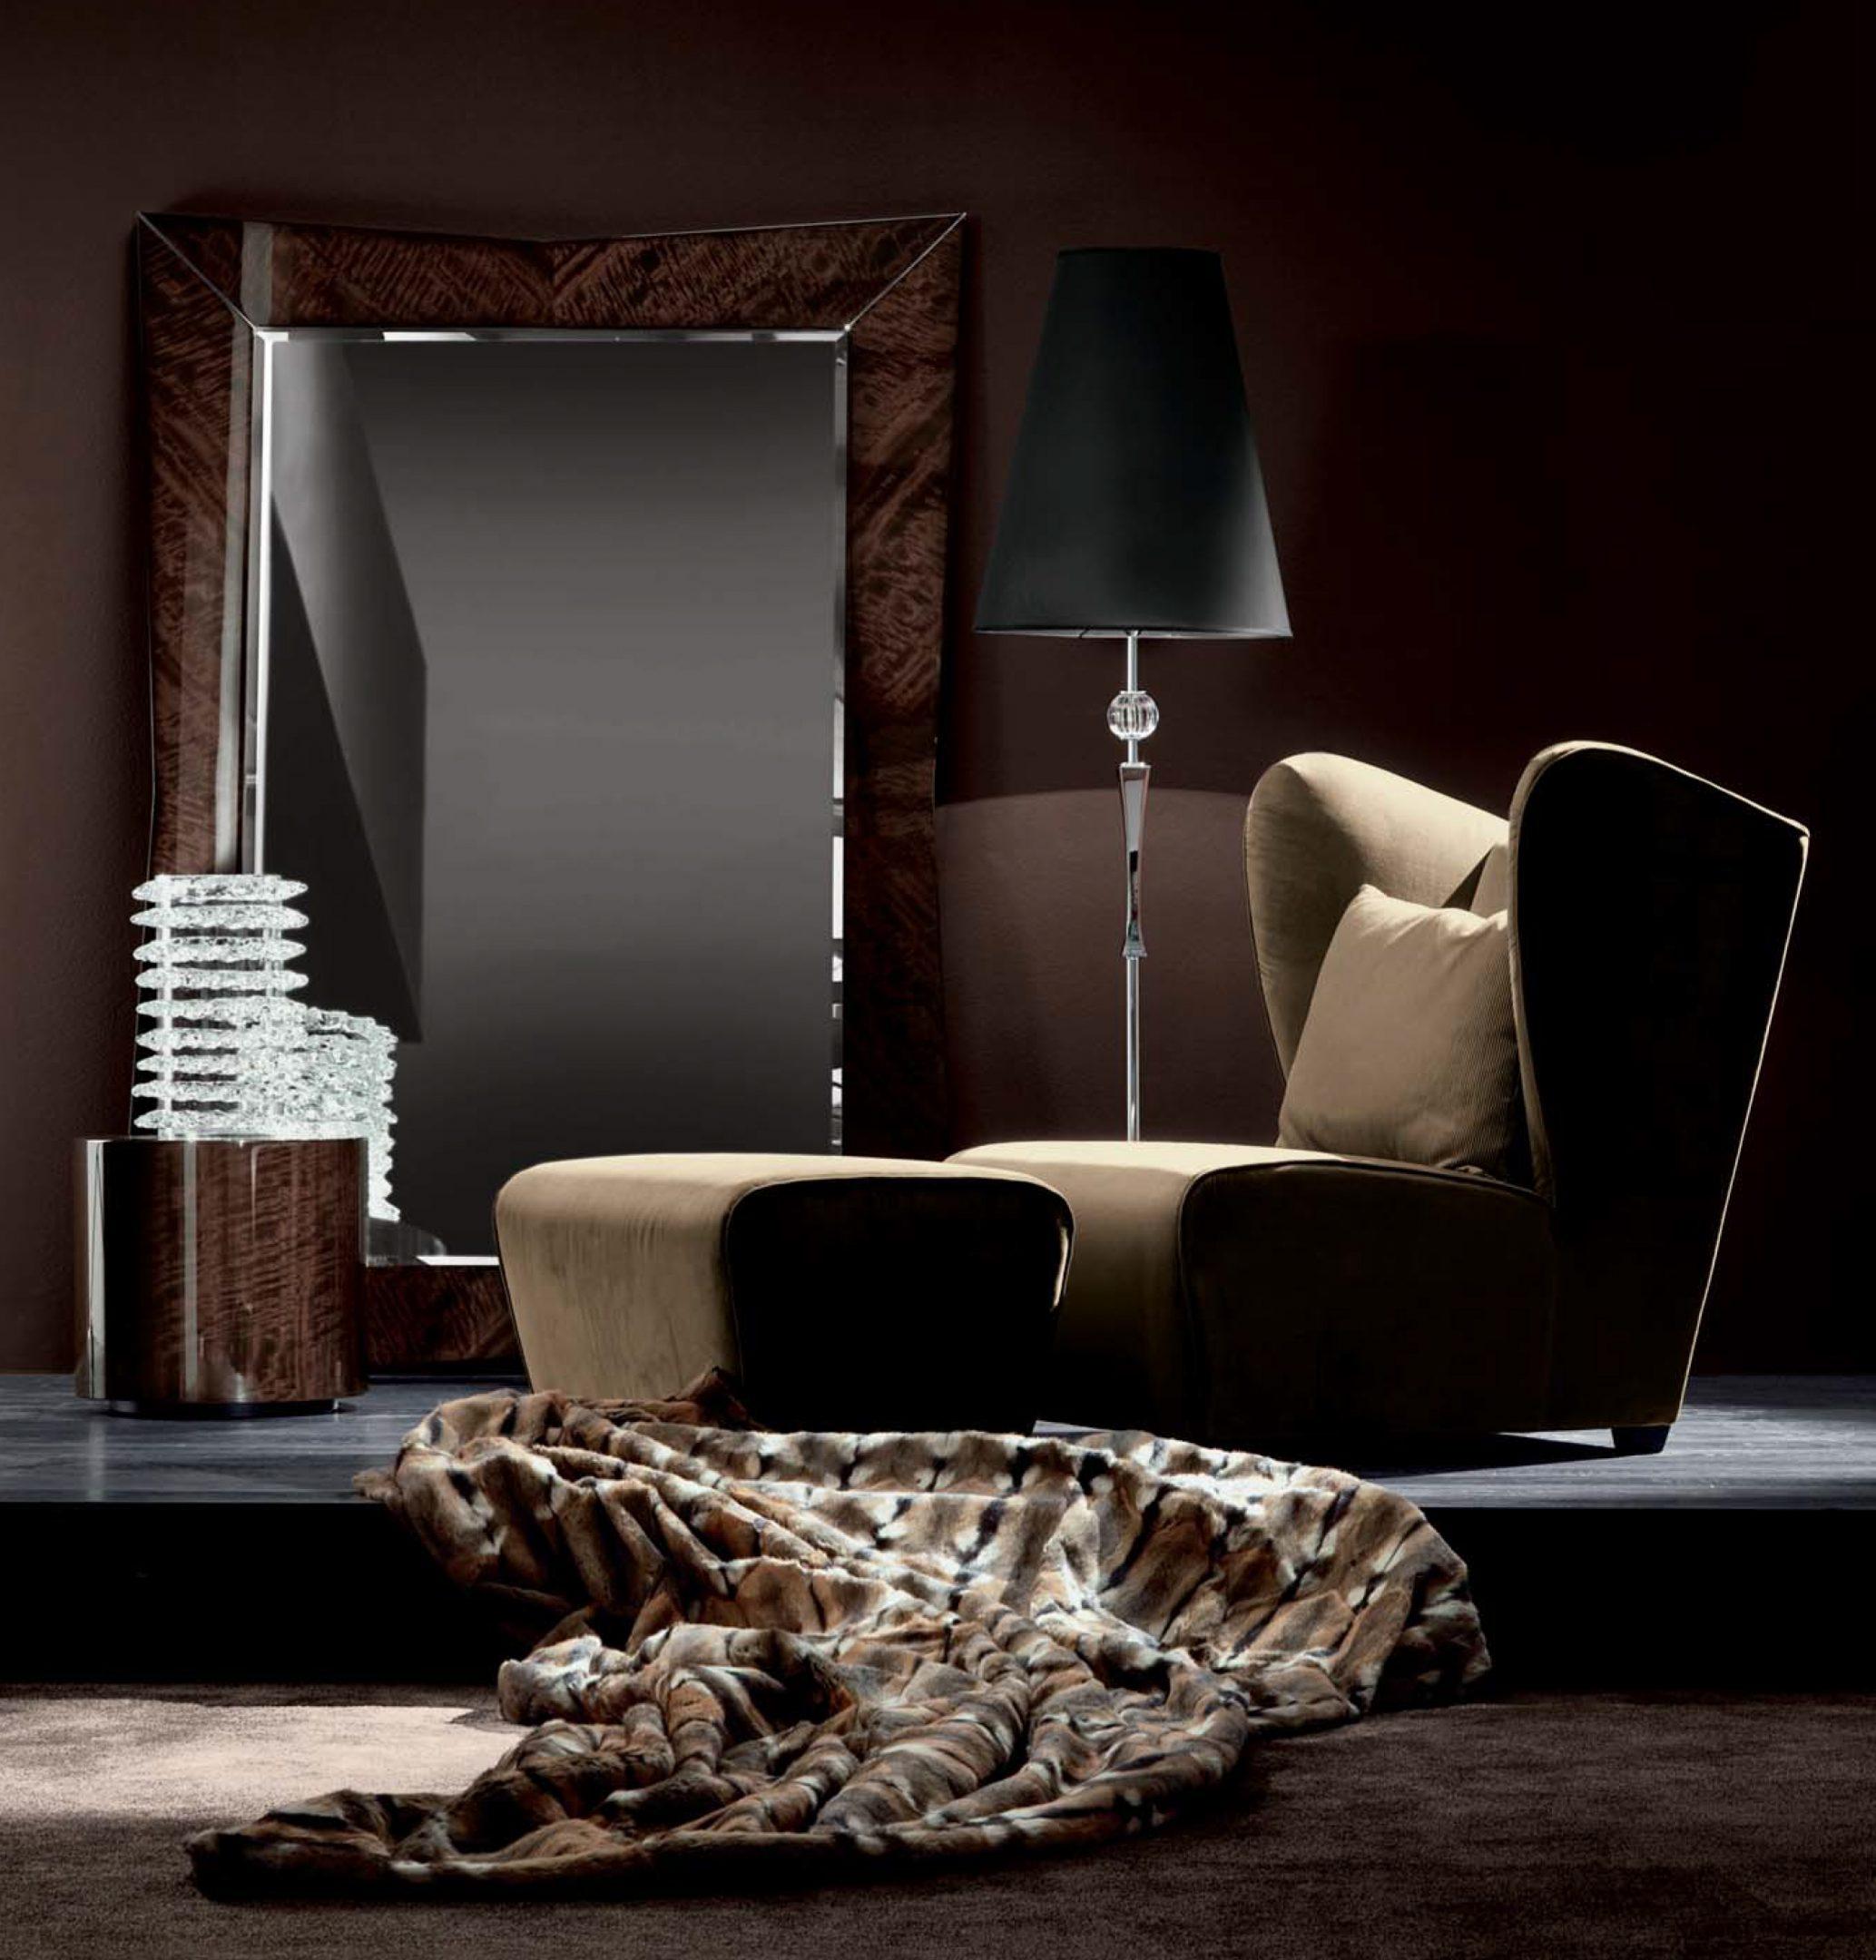 Vogue Floor Mirror